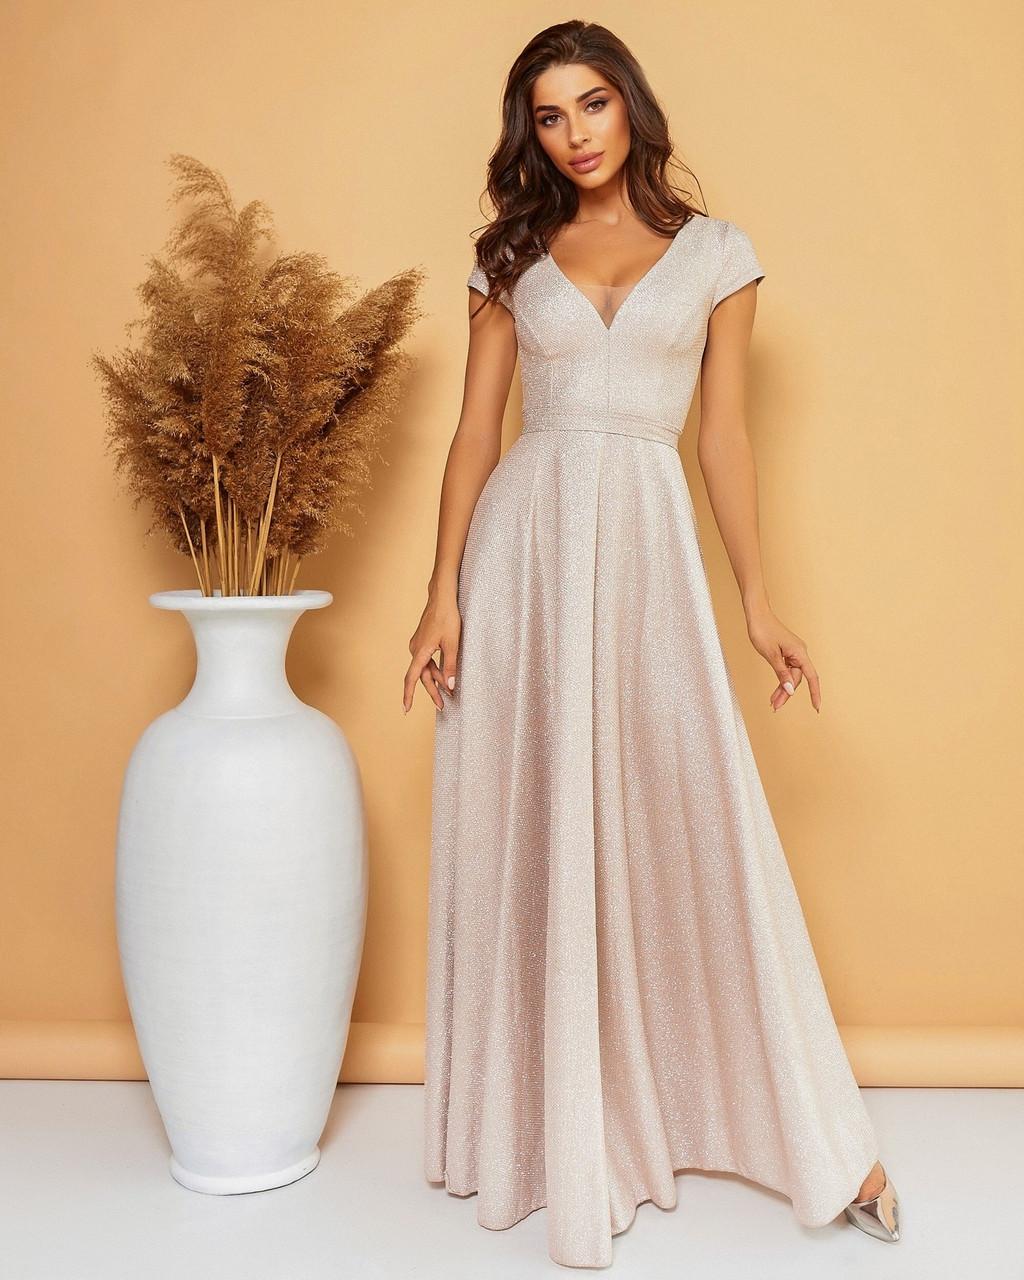 Нарядное длинное женское платье с красивым декольте, 00685 (Бежевый), Размер 46 (L)